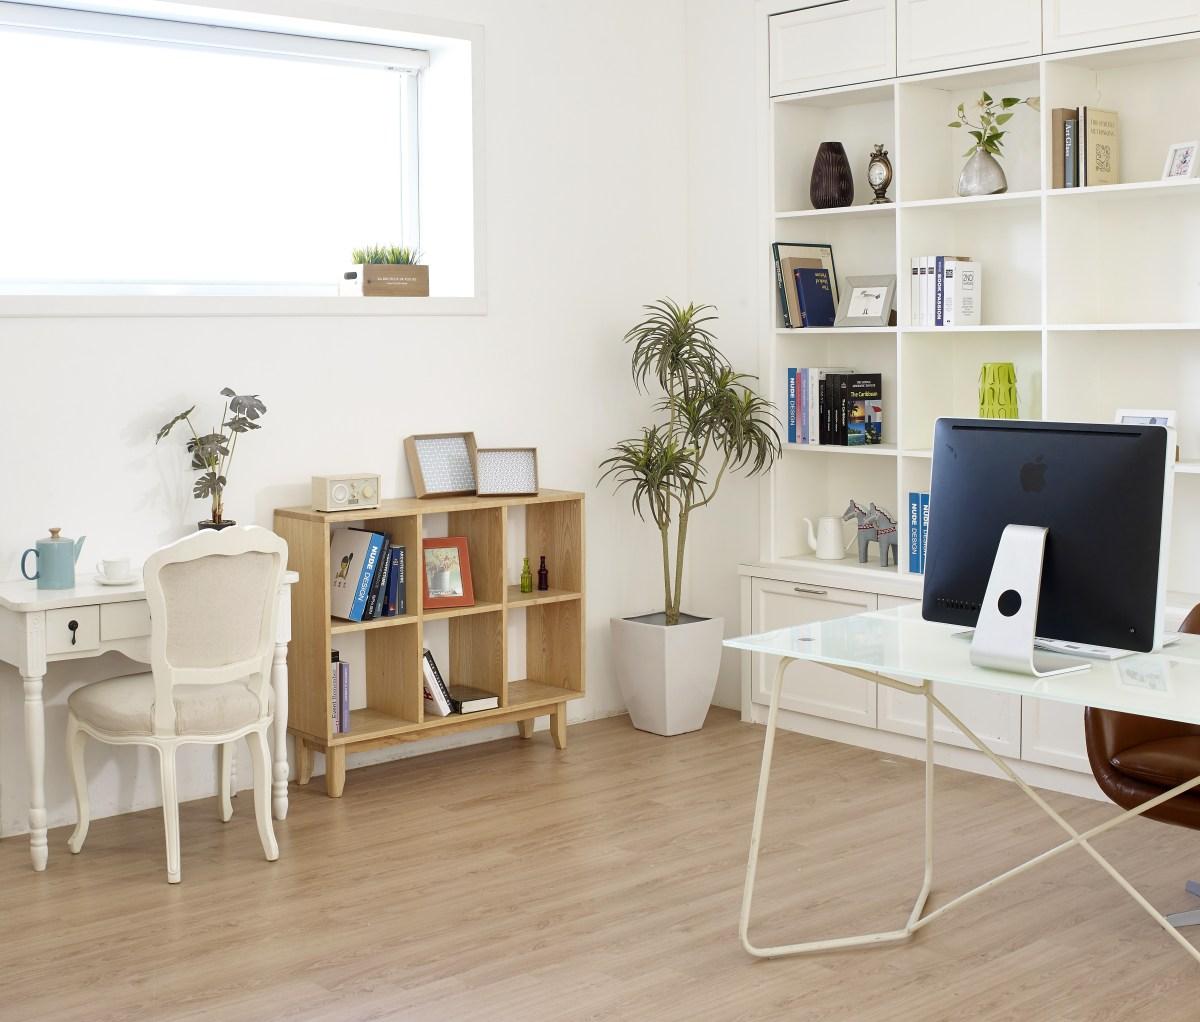 apartment, architecture, book